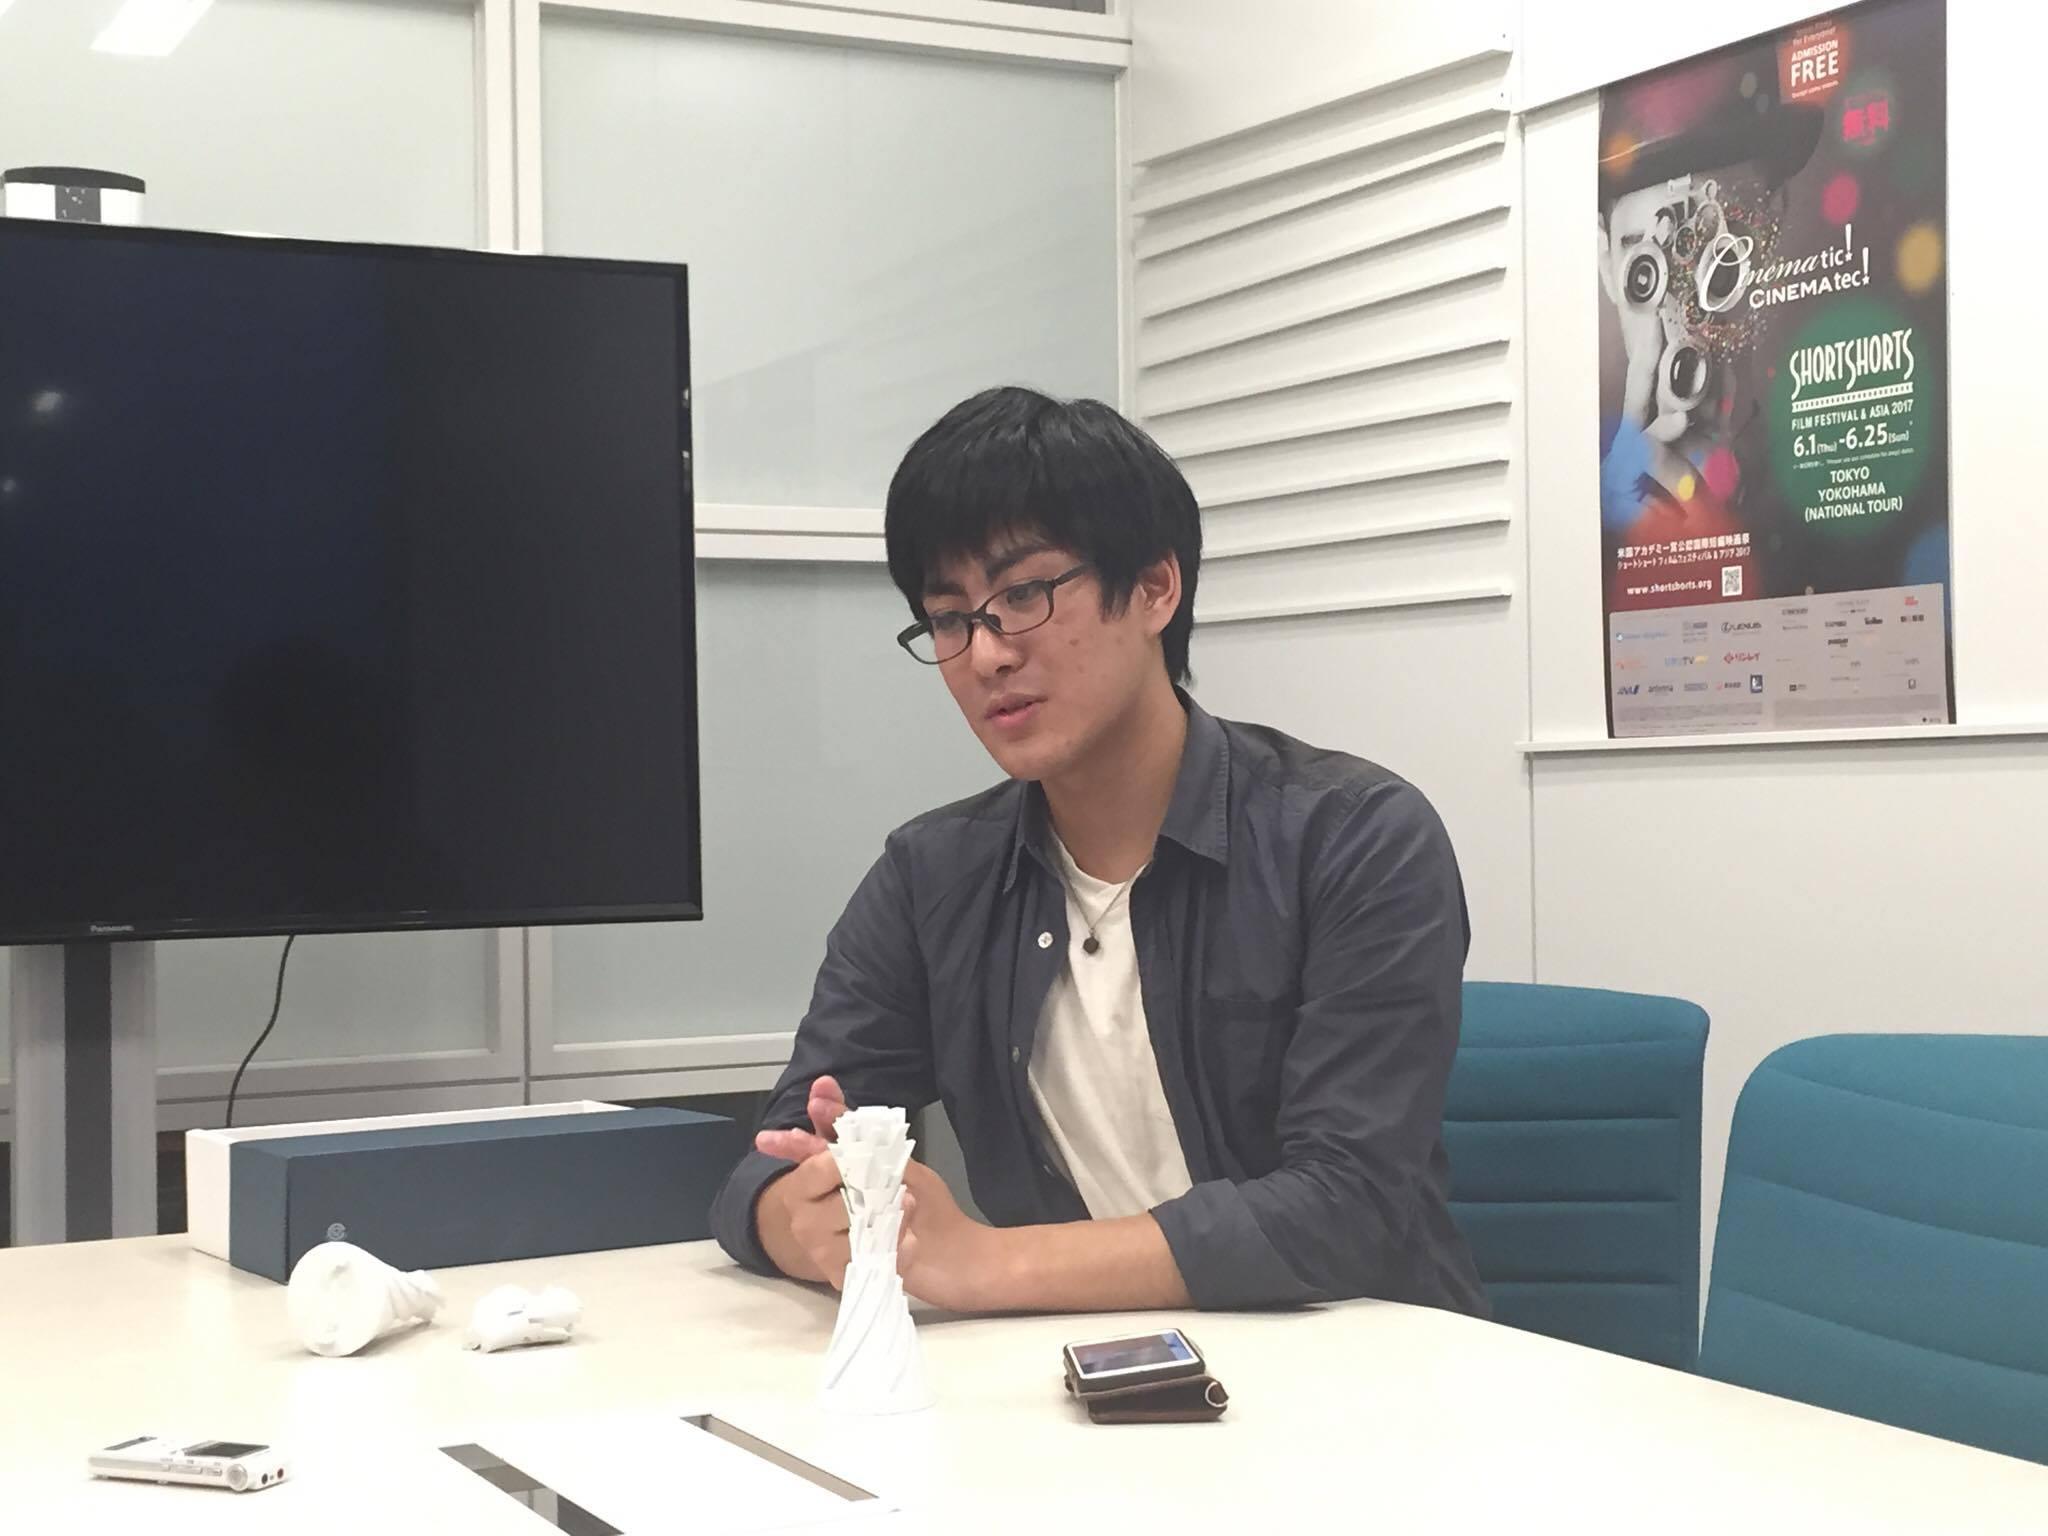 デジタルハリウッド大学4年生 金刺龍賢さんの写真 その1